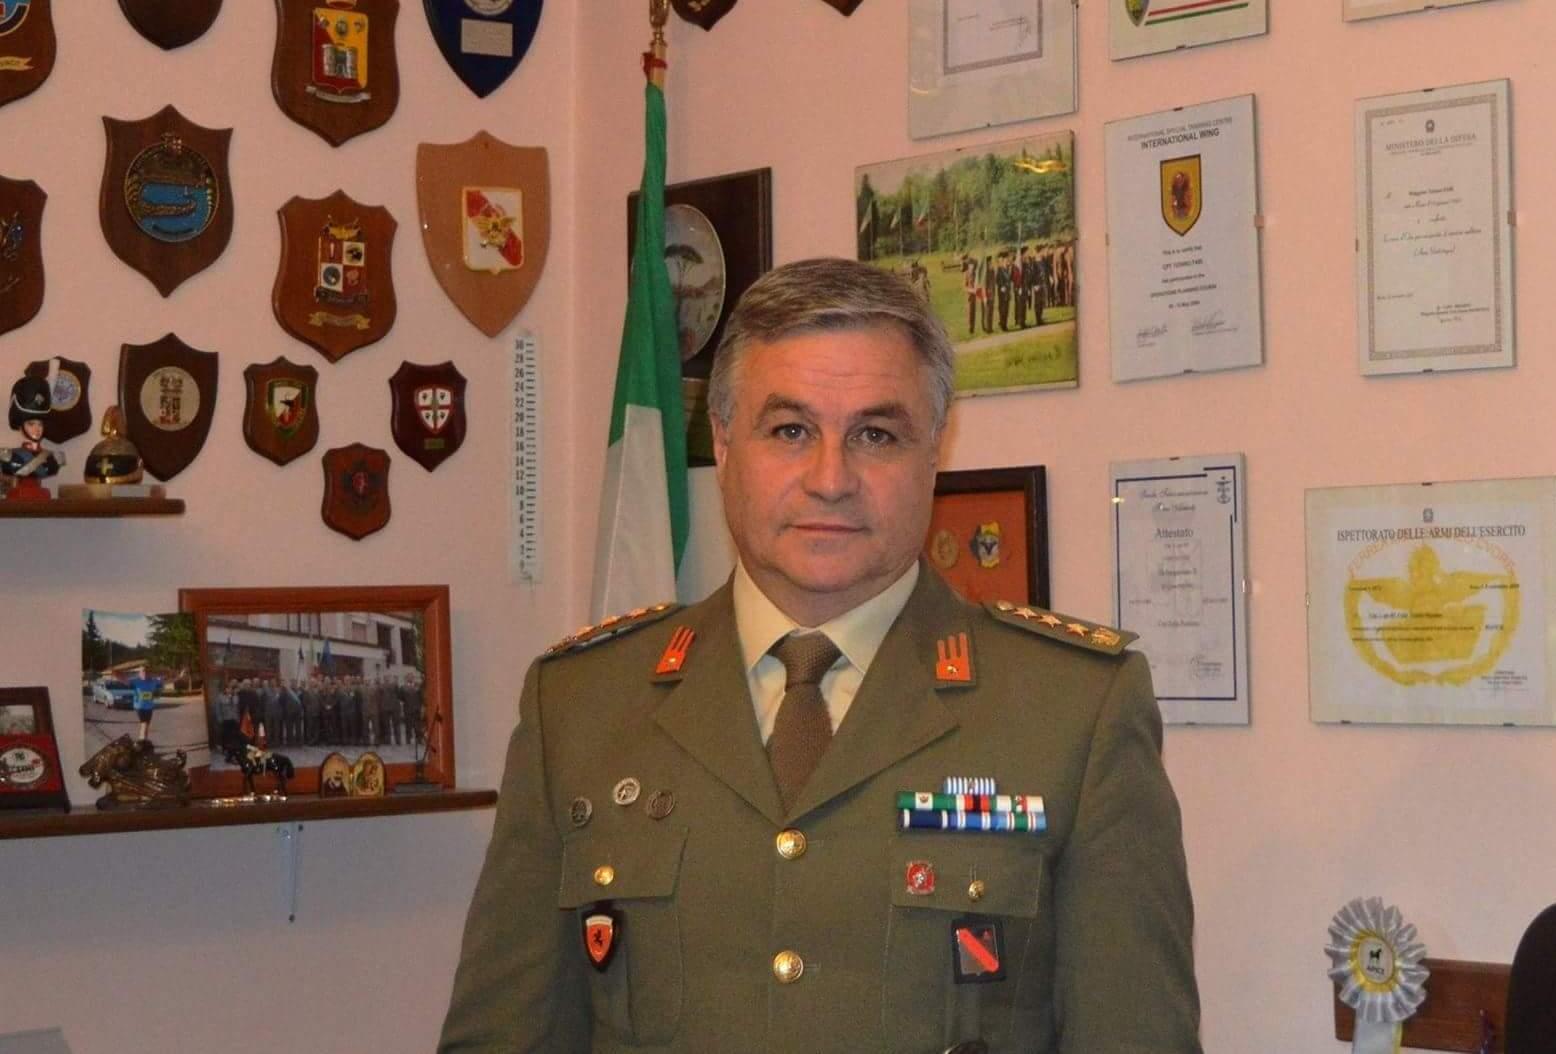 Cambio al comando della base logistico addestrativa di Roccaraso